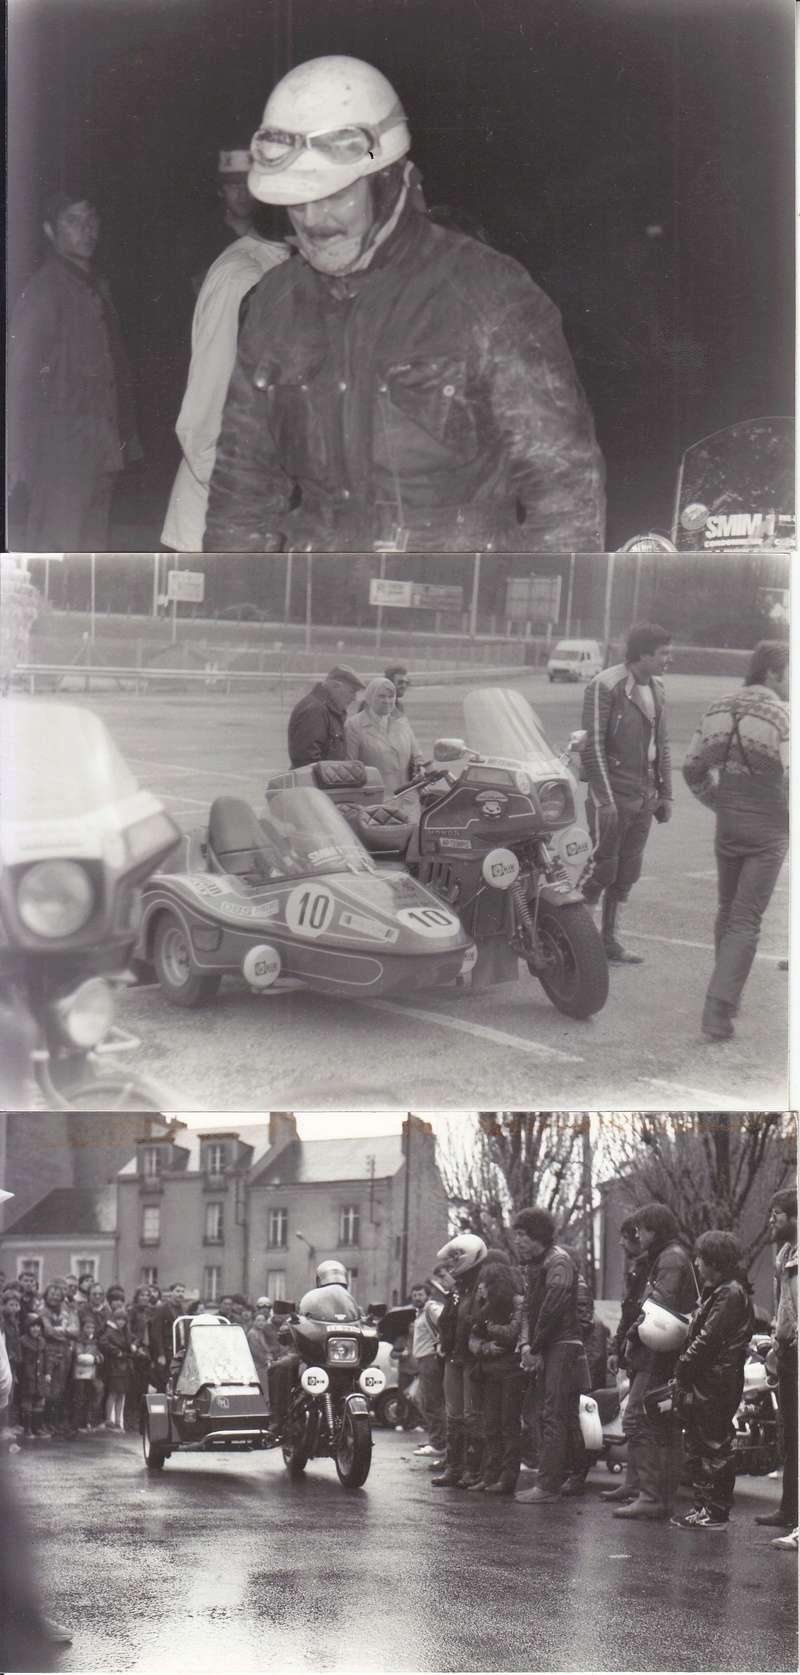 [Oldies] 1980 à 1988: Le Tour de France side-car, par Joël Enndewell  - Page 17 Sans_t79